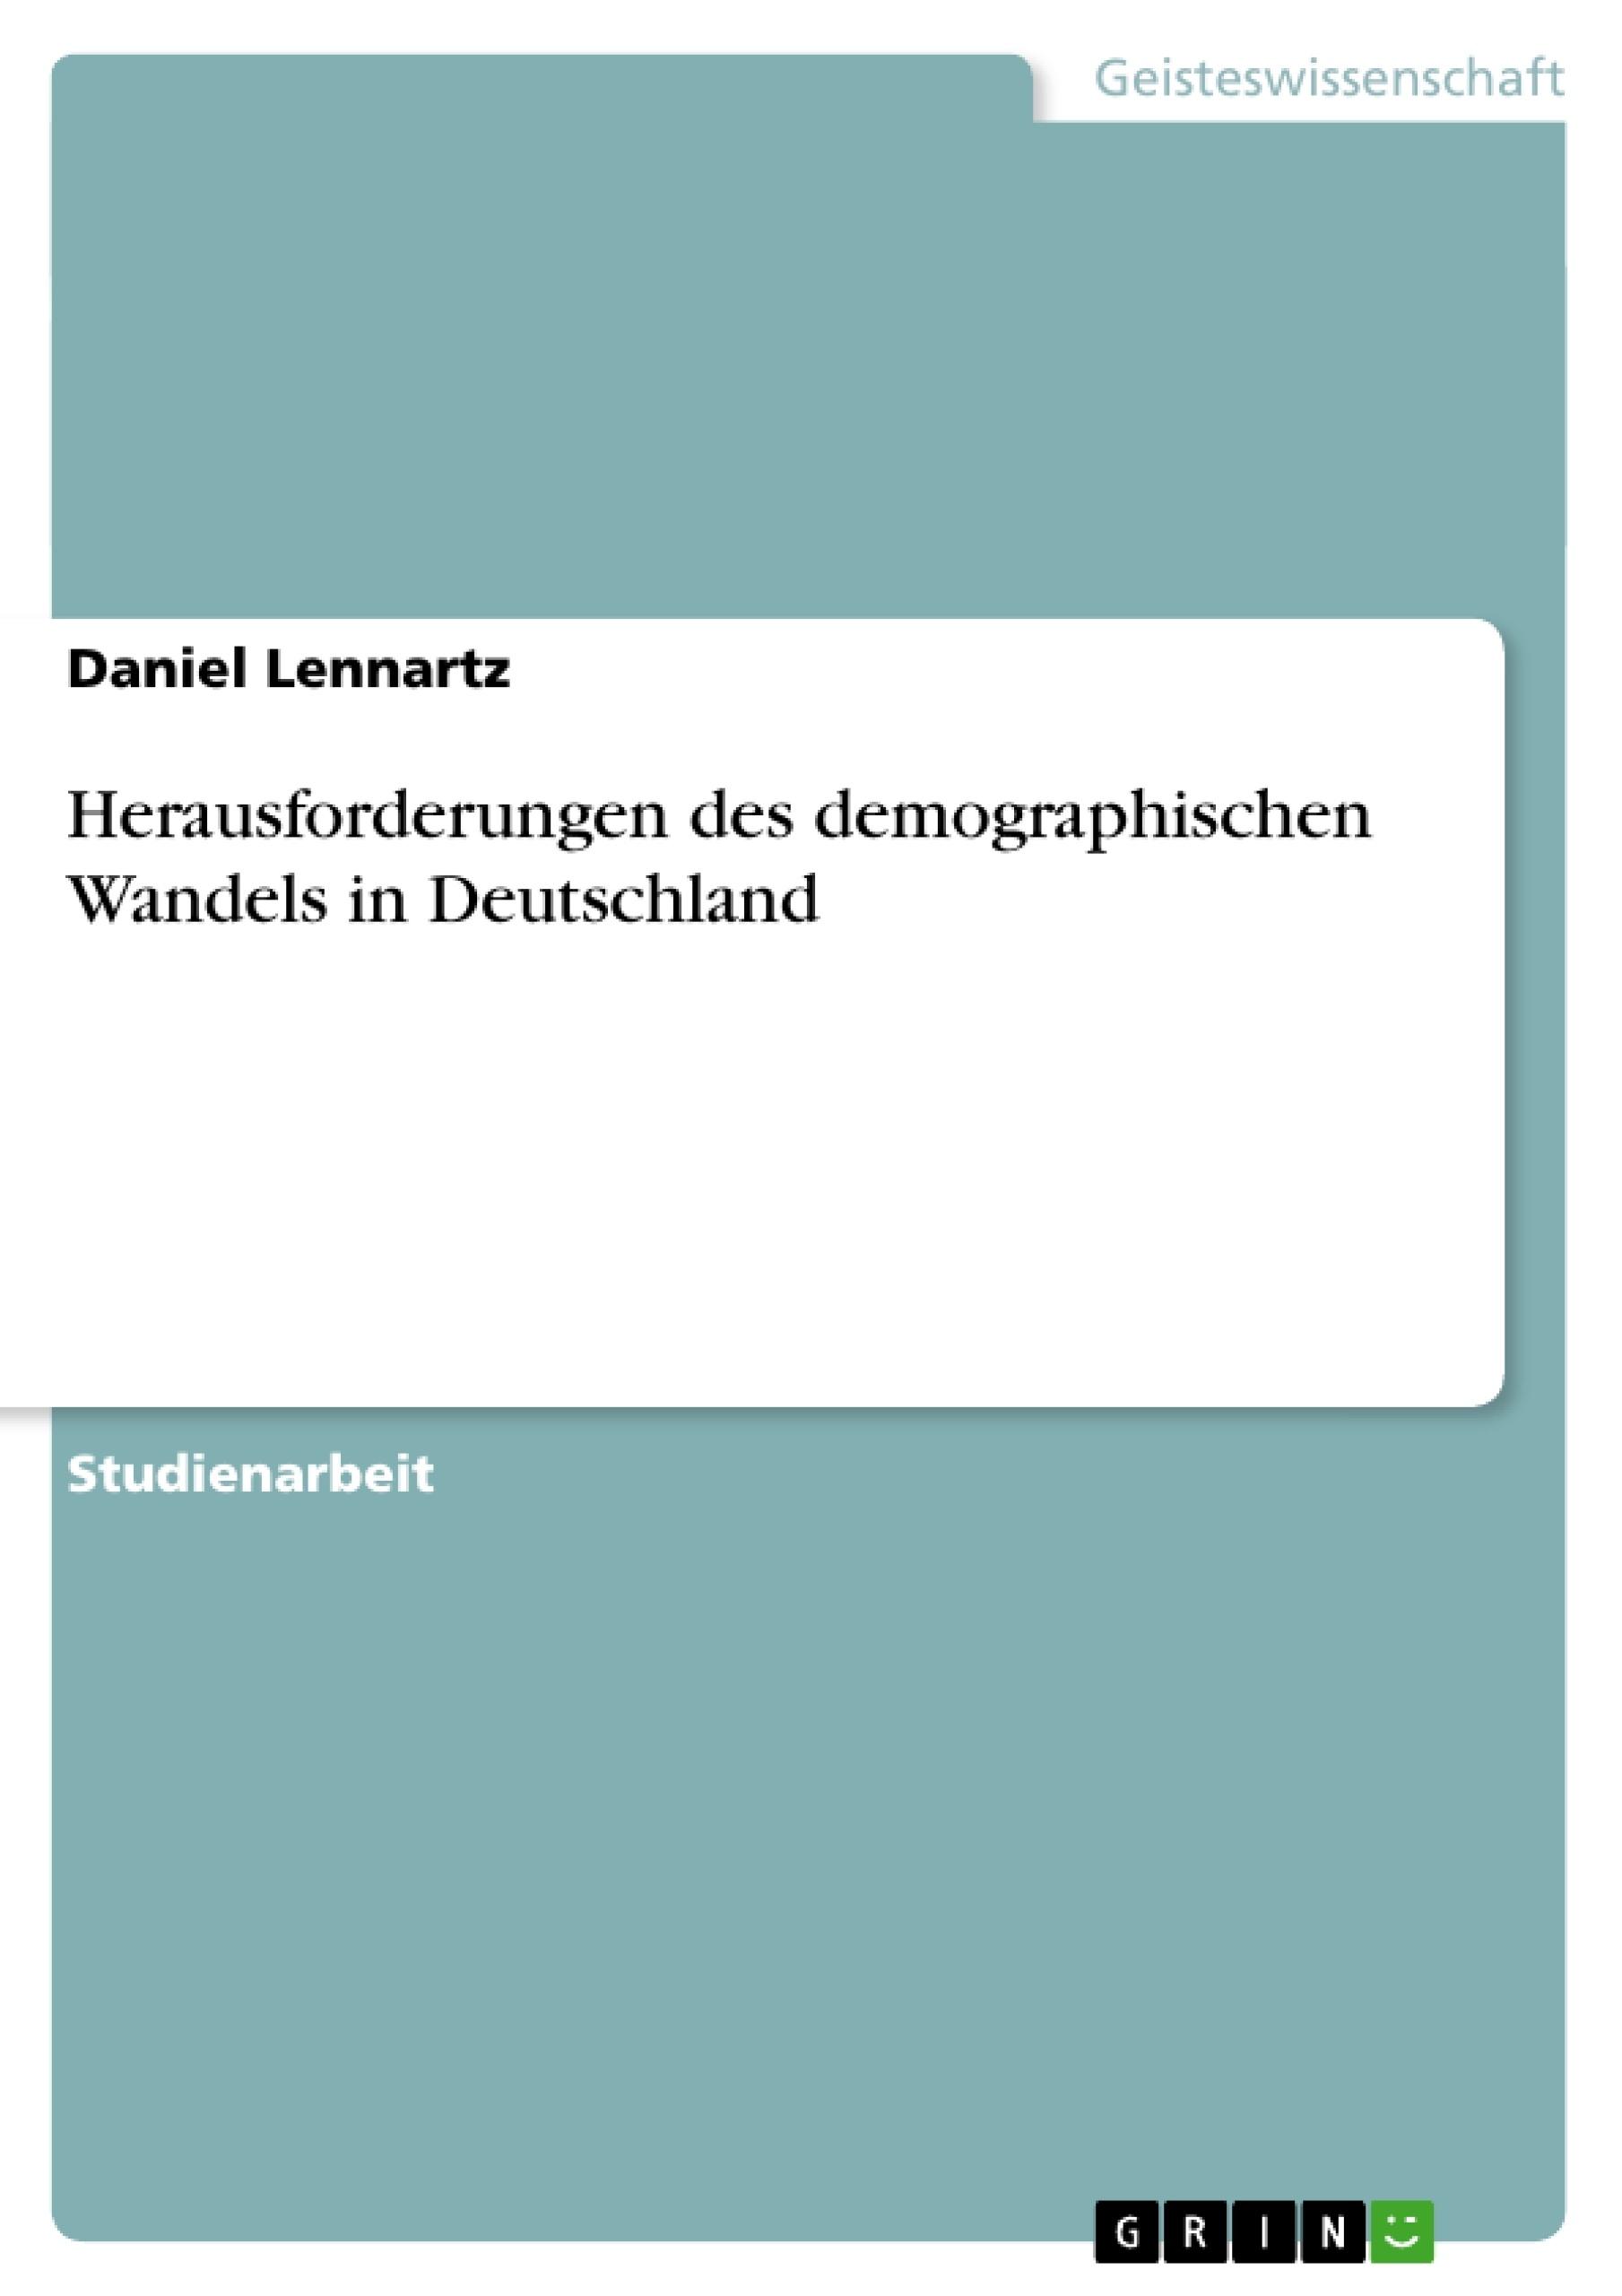 Titel: Herausforderungen des demographischen Wandels in Deutschland